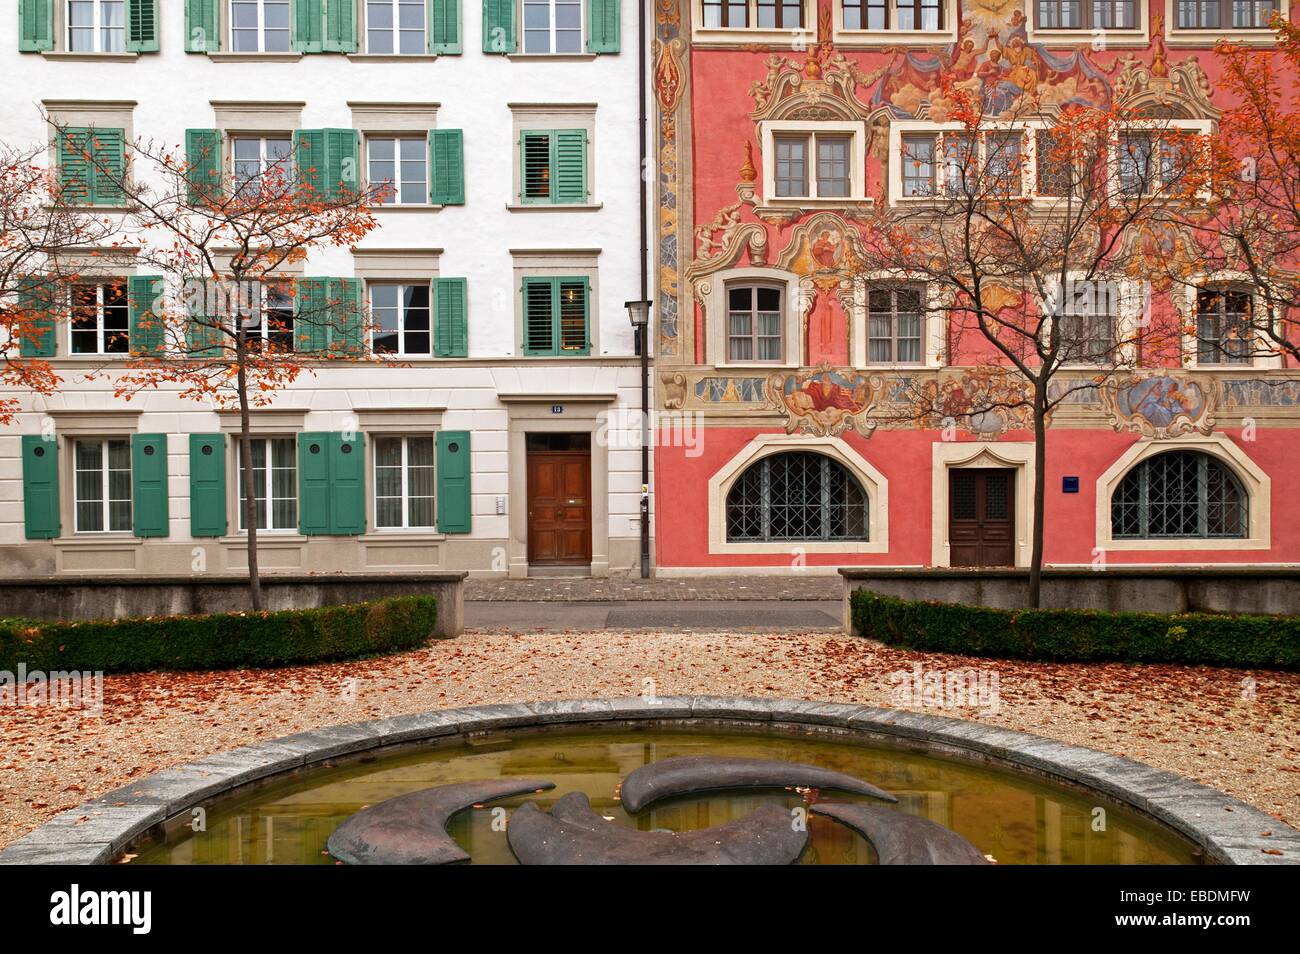 Zug Canton Stock Photos & Zug Canton Stock Images - Alamy